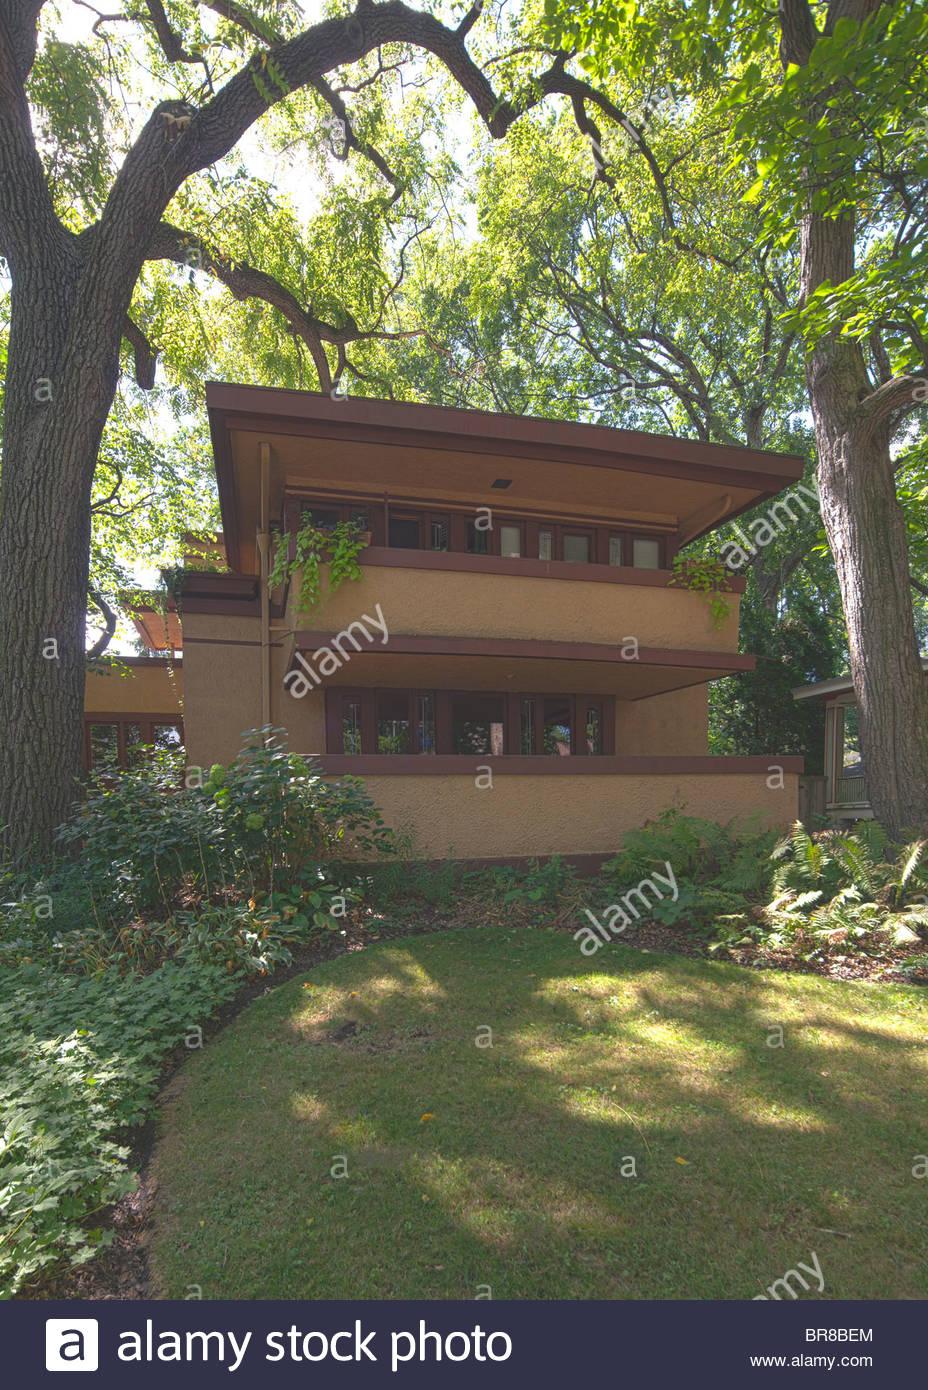 Mrs. Thomas H. Gale House (1909), designed by Frank Lloyd Wright, Oak Park, Chicago, Illinois, USA - Stock Image